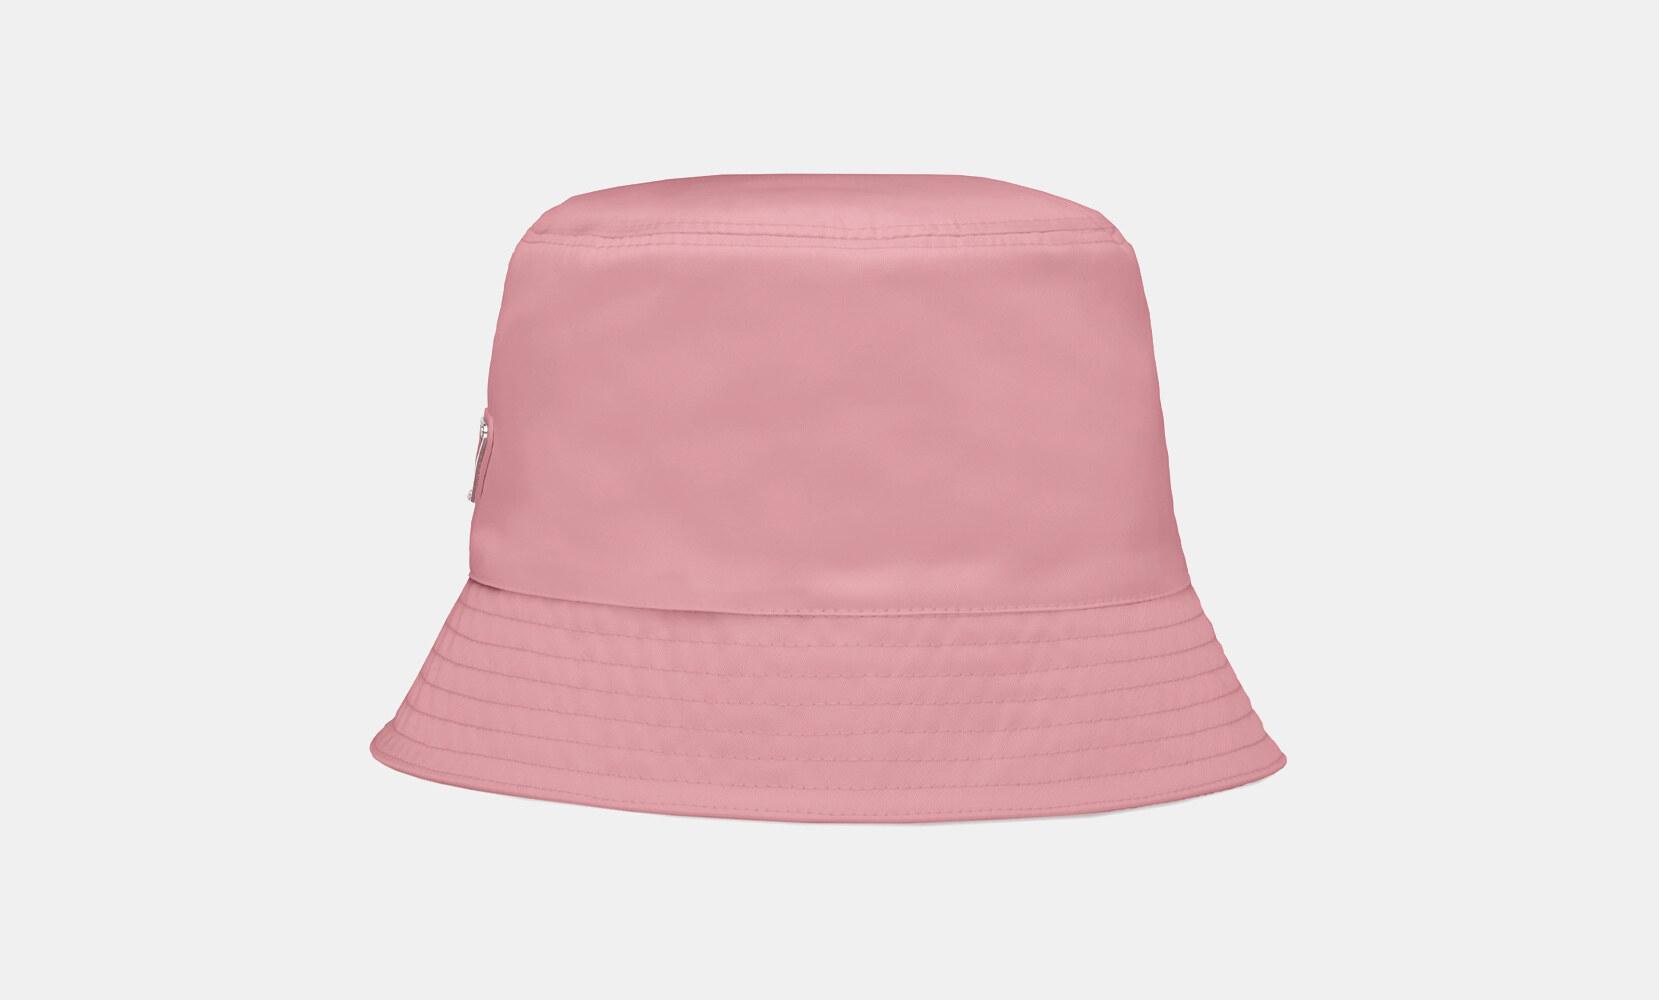 Prada Cappello da pescatore in Re-Nylon